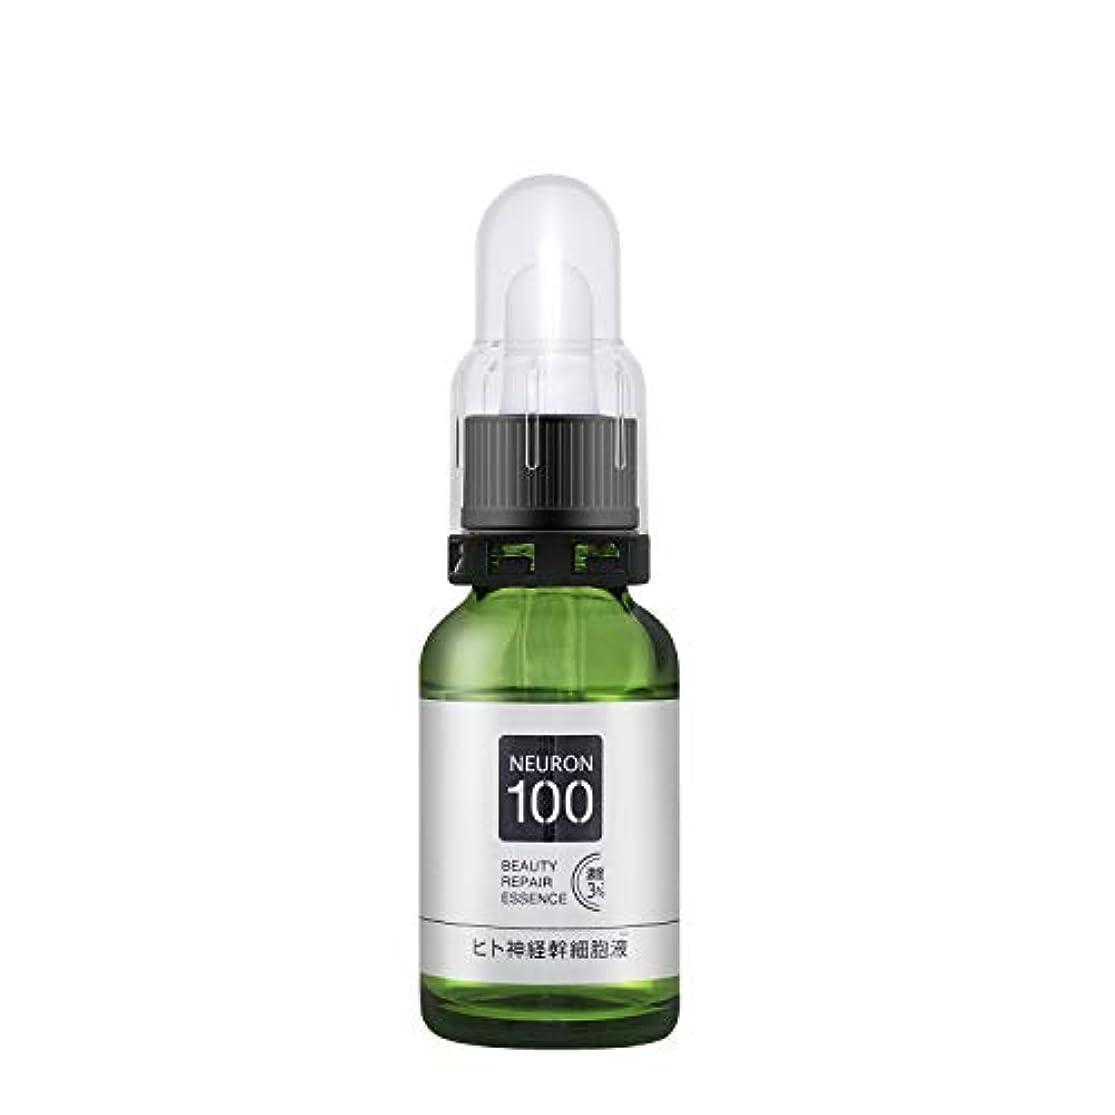 エドニス ニューロン100 ヒト神経幹細胞ビューティーリペアエッセンス 濃度3% 美容液